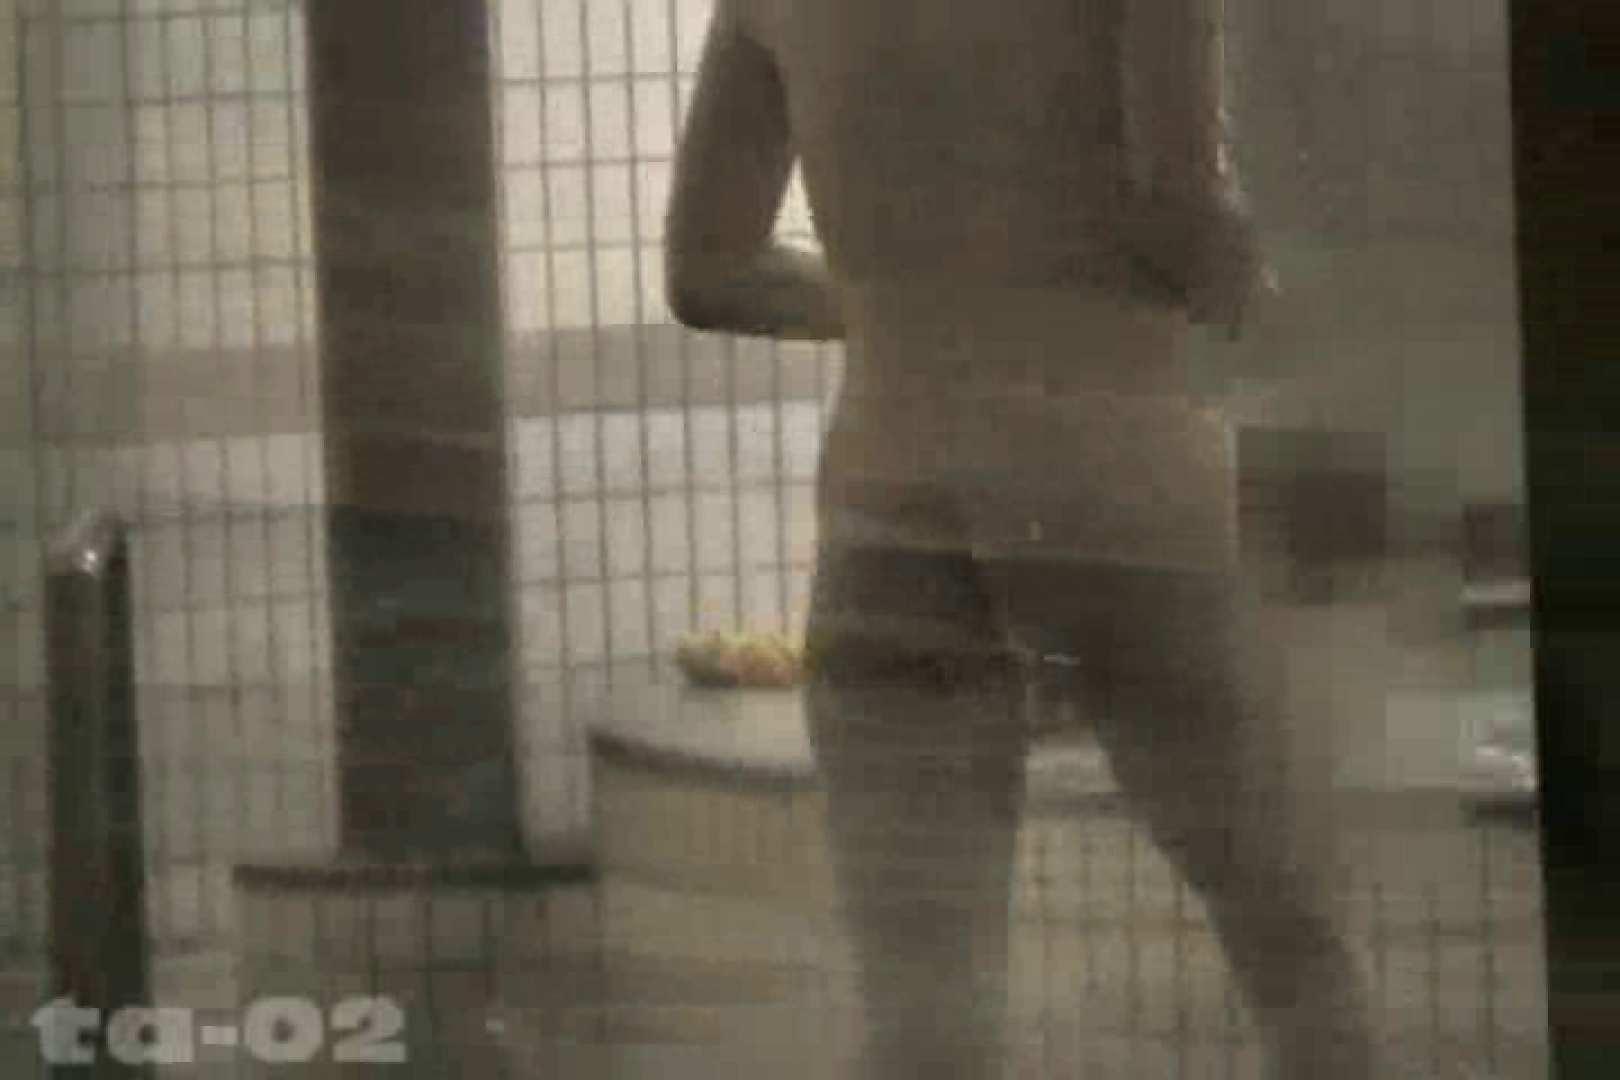 合宿ホテル女風呂盗撮高画質版 Vol.02 盗撮・必見 おまんこ無修正動画無料 78画像 27